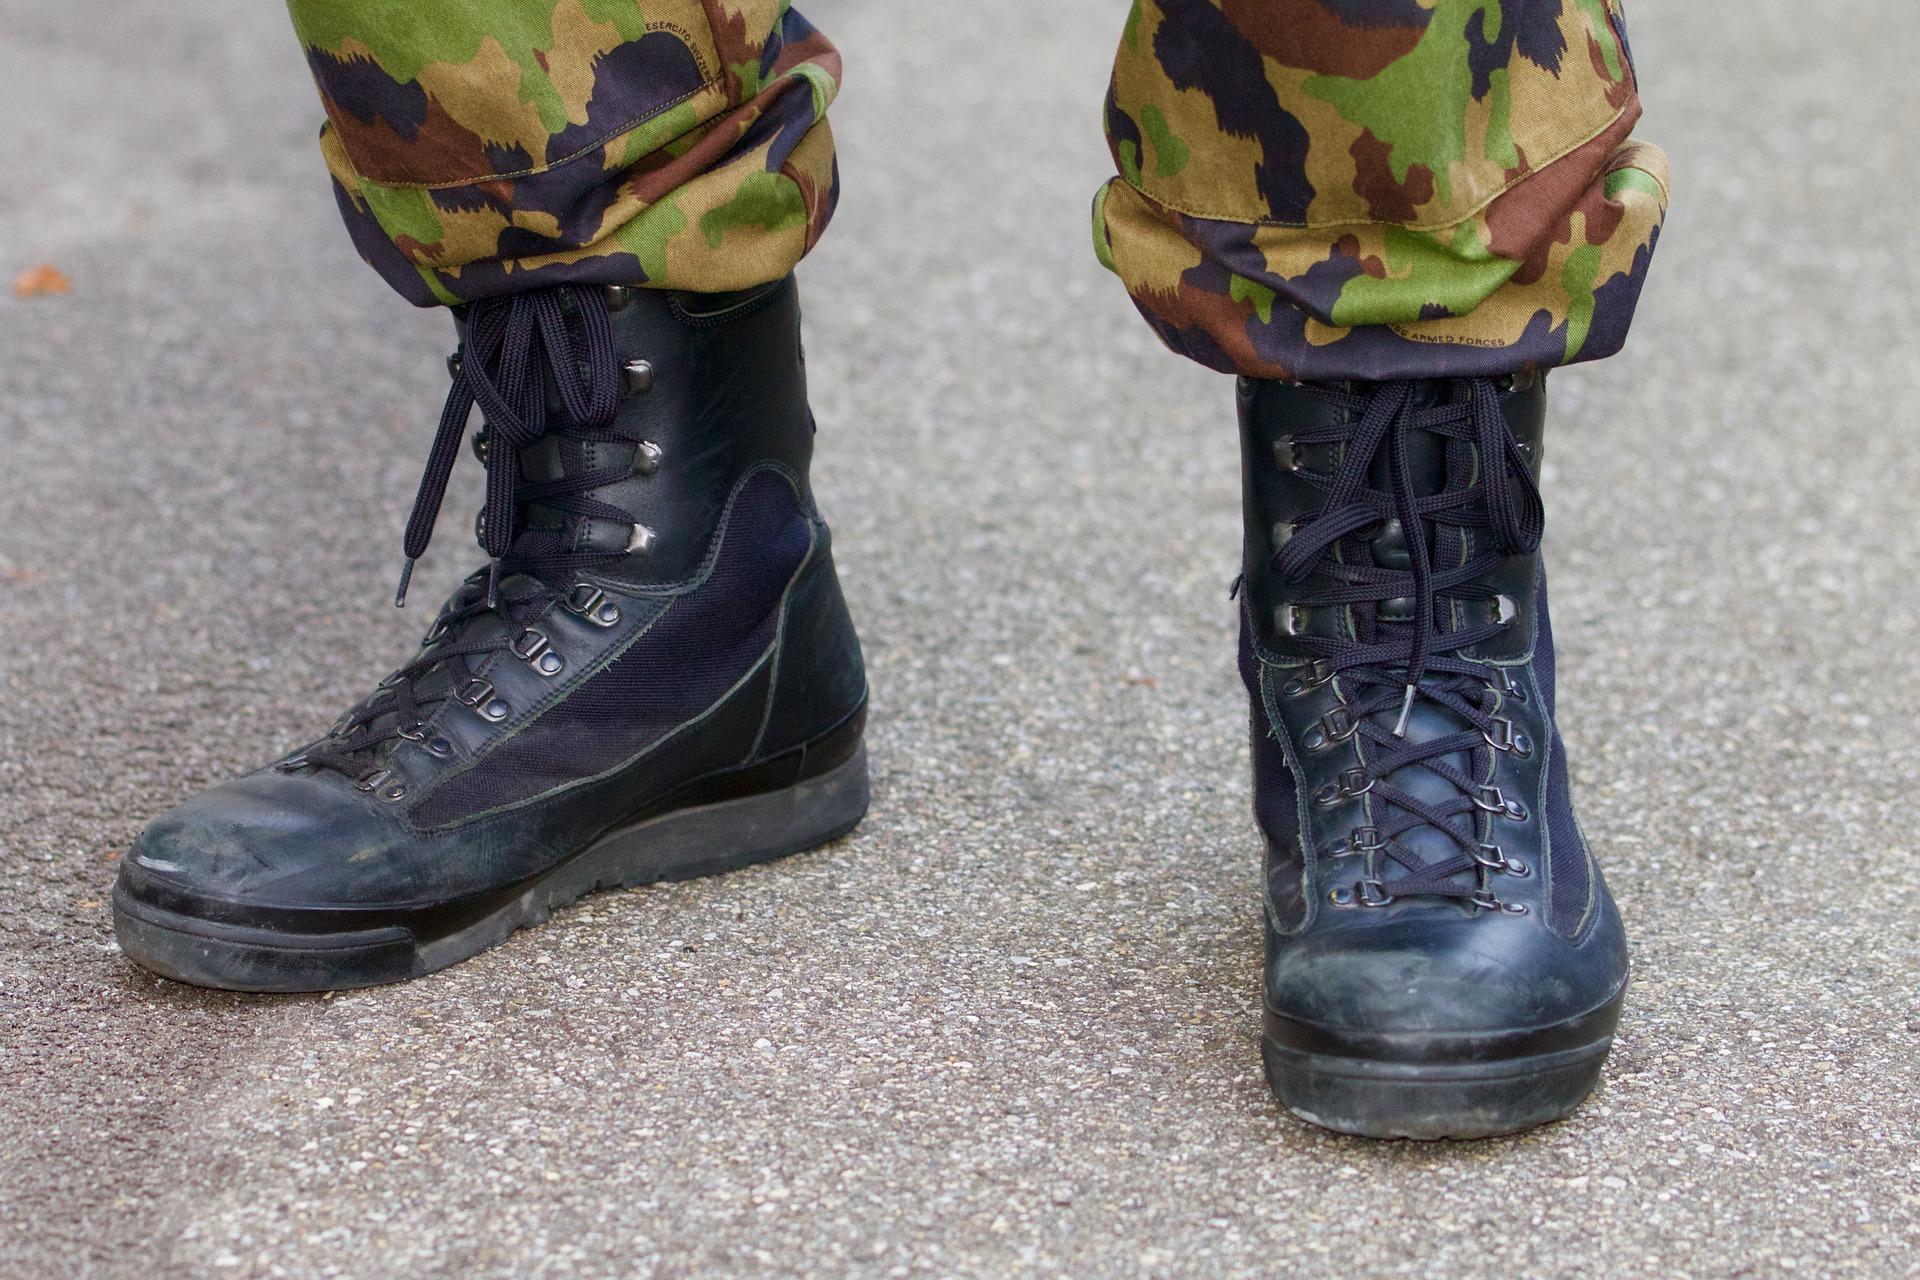 Imagem mostra em detalhe o coturno vestido por um militar.